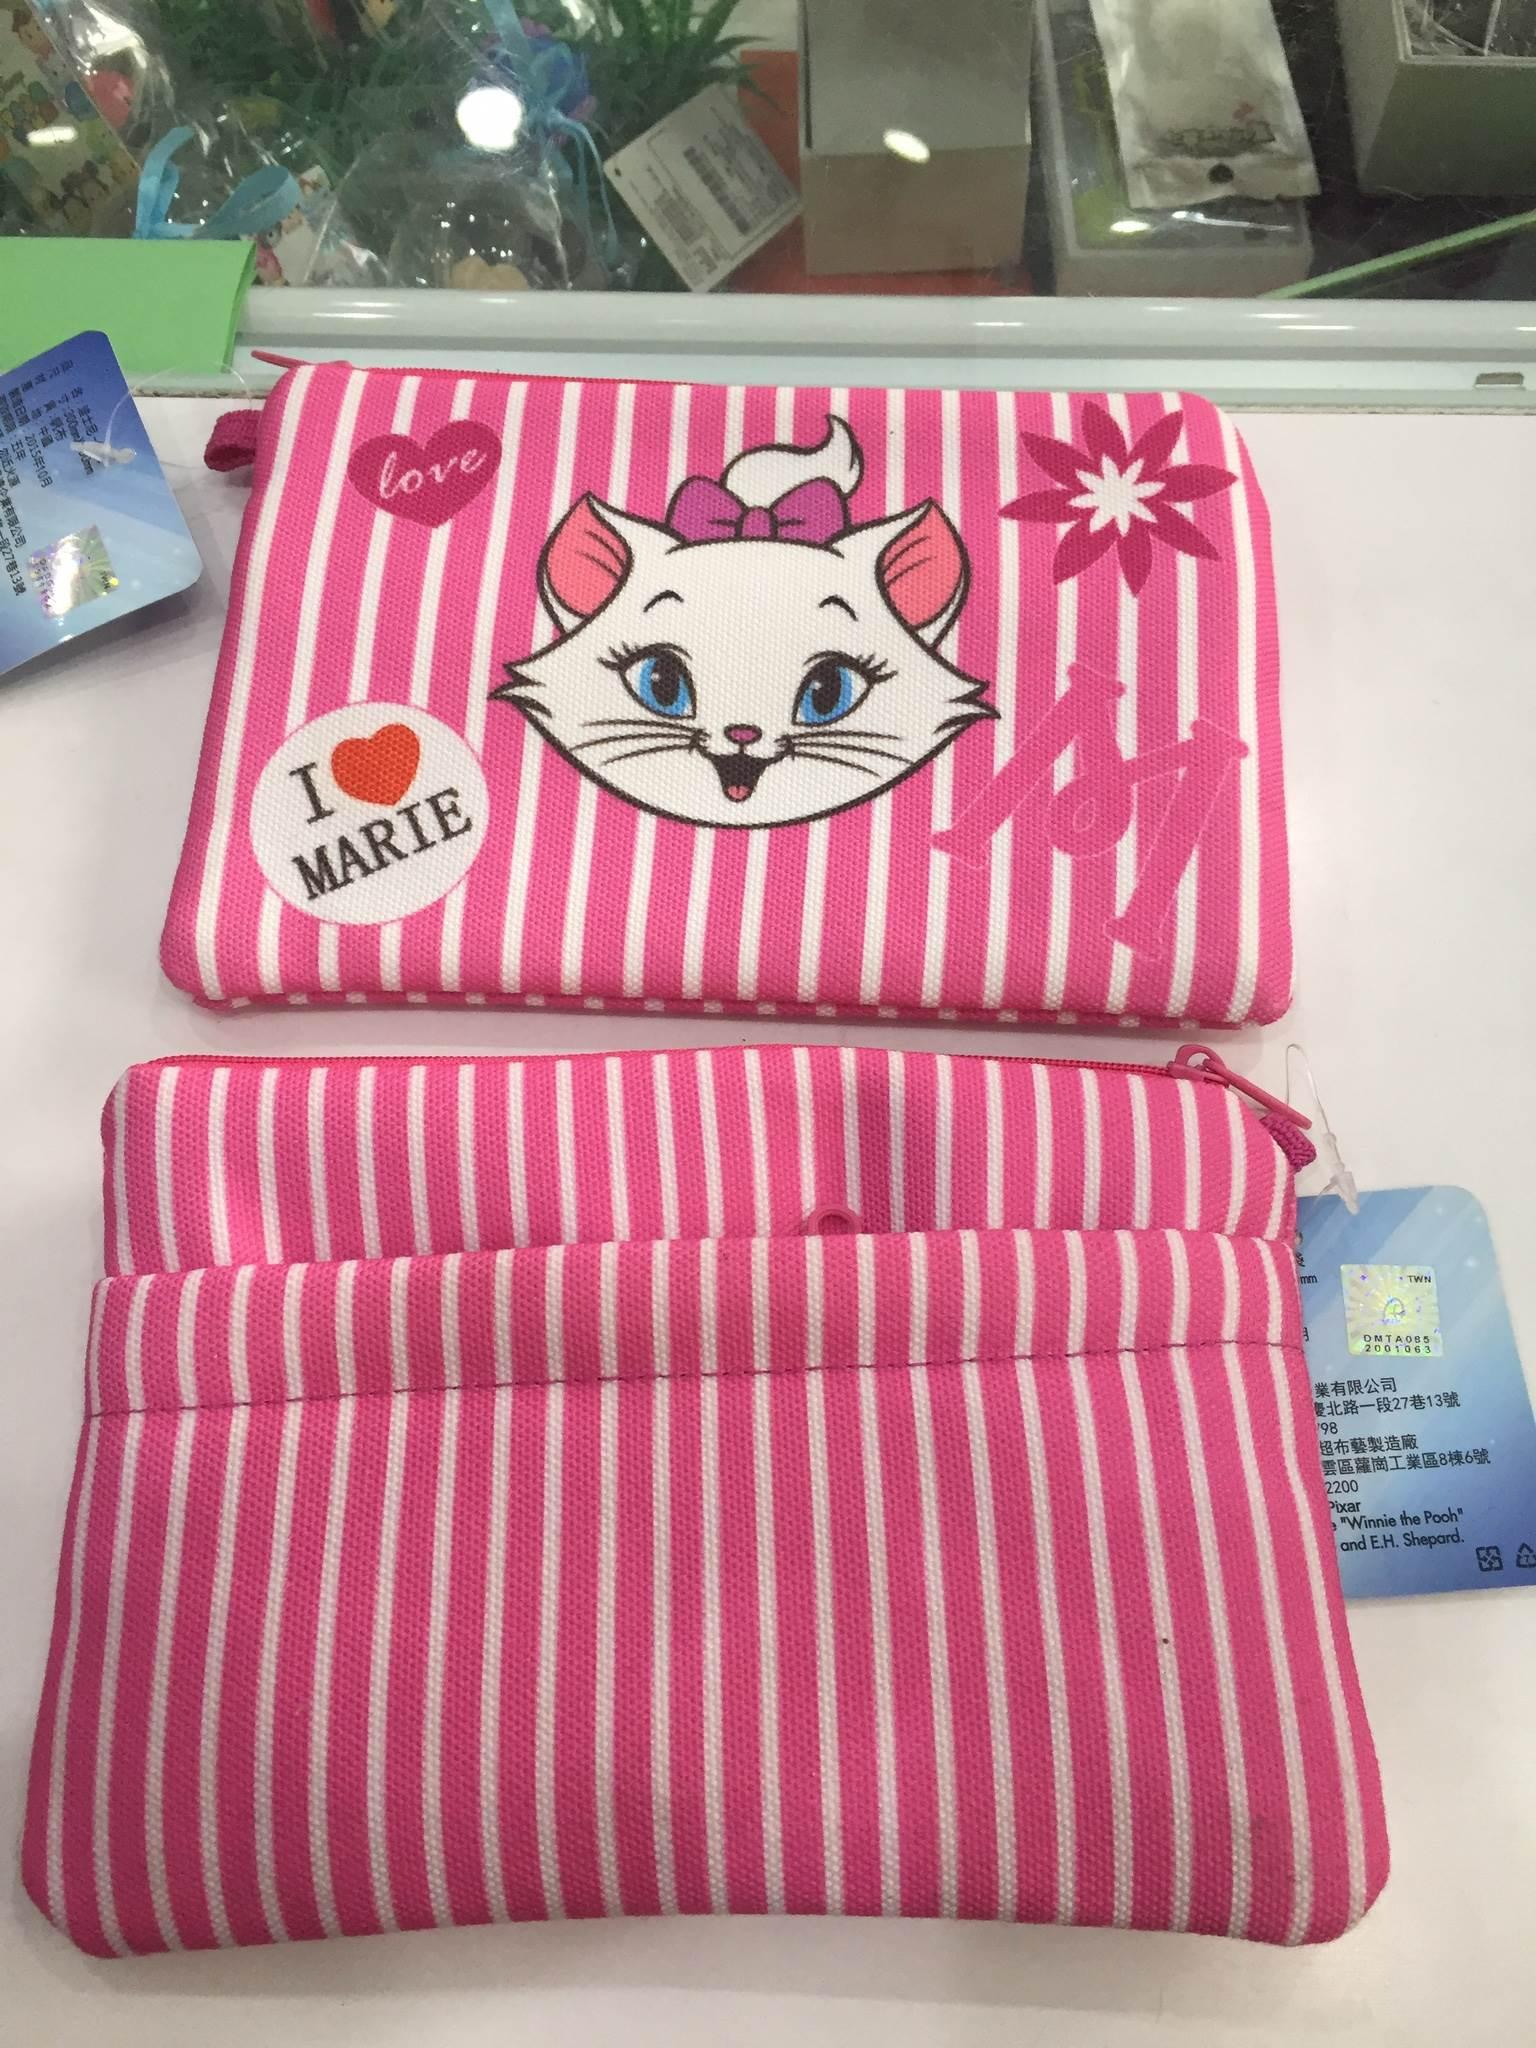 【條紋-瑪麗貓】迪士尼 條紋系列 布包 化妝包 手拿包 零錢包 手機包 Disney